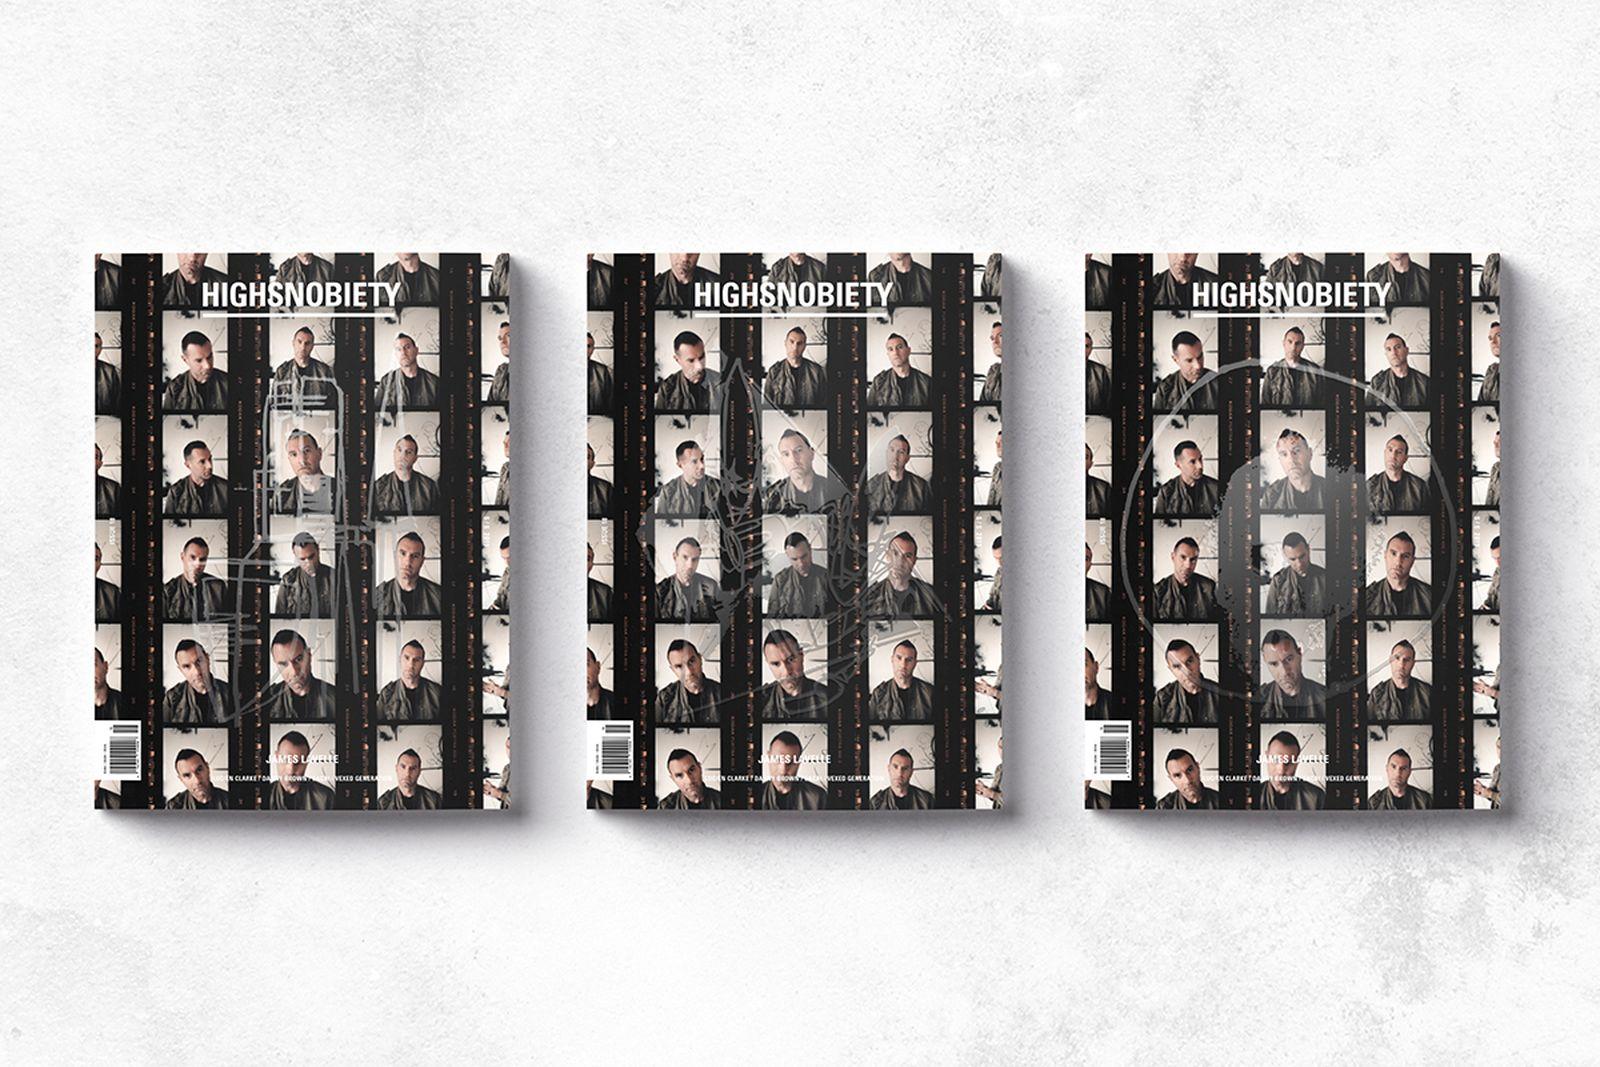 HS18 ONLINE JAMESLAVELLE 1 Highsnobiety Magazine Issue 18 lucien clarke